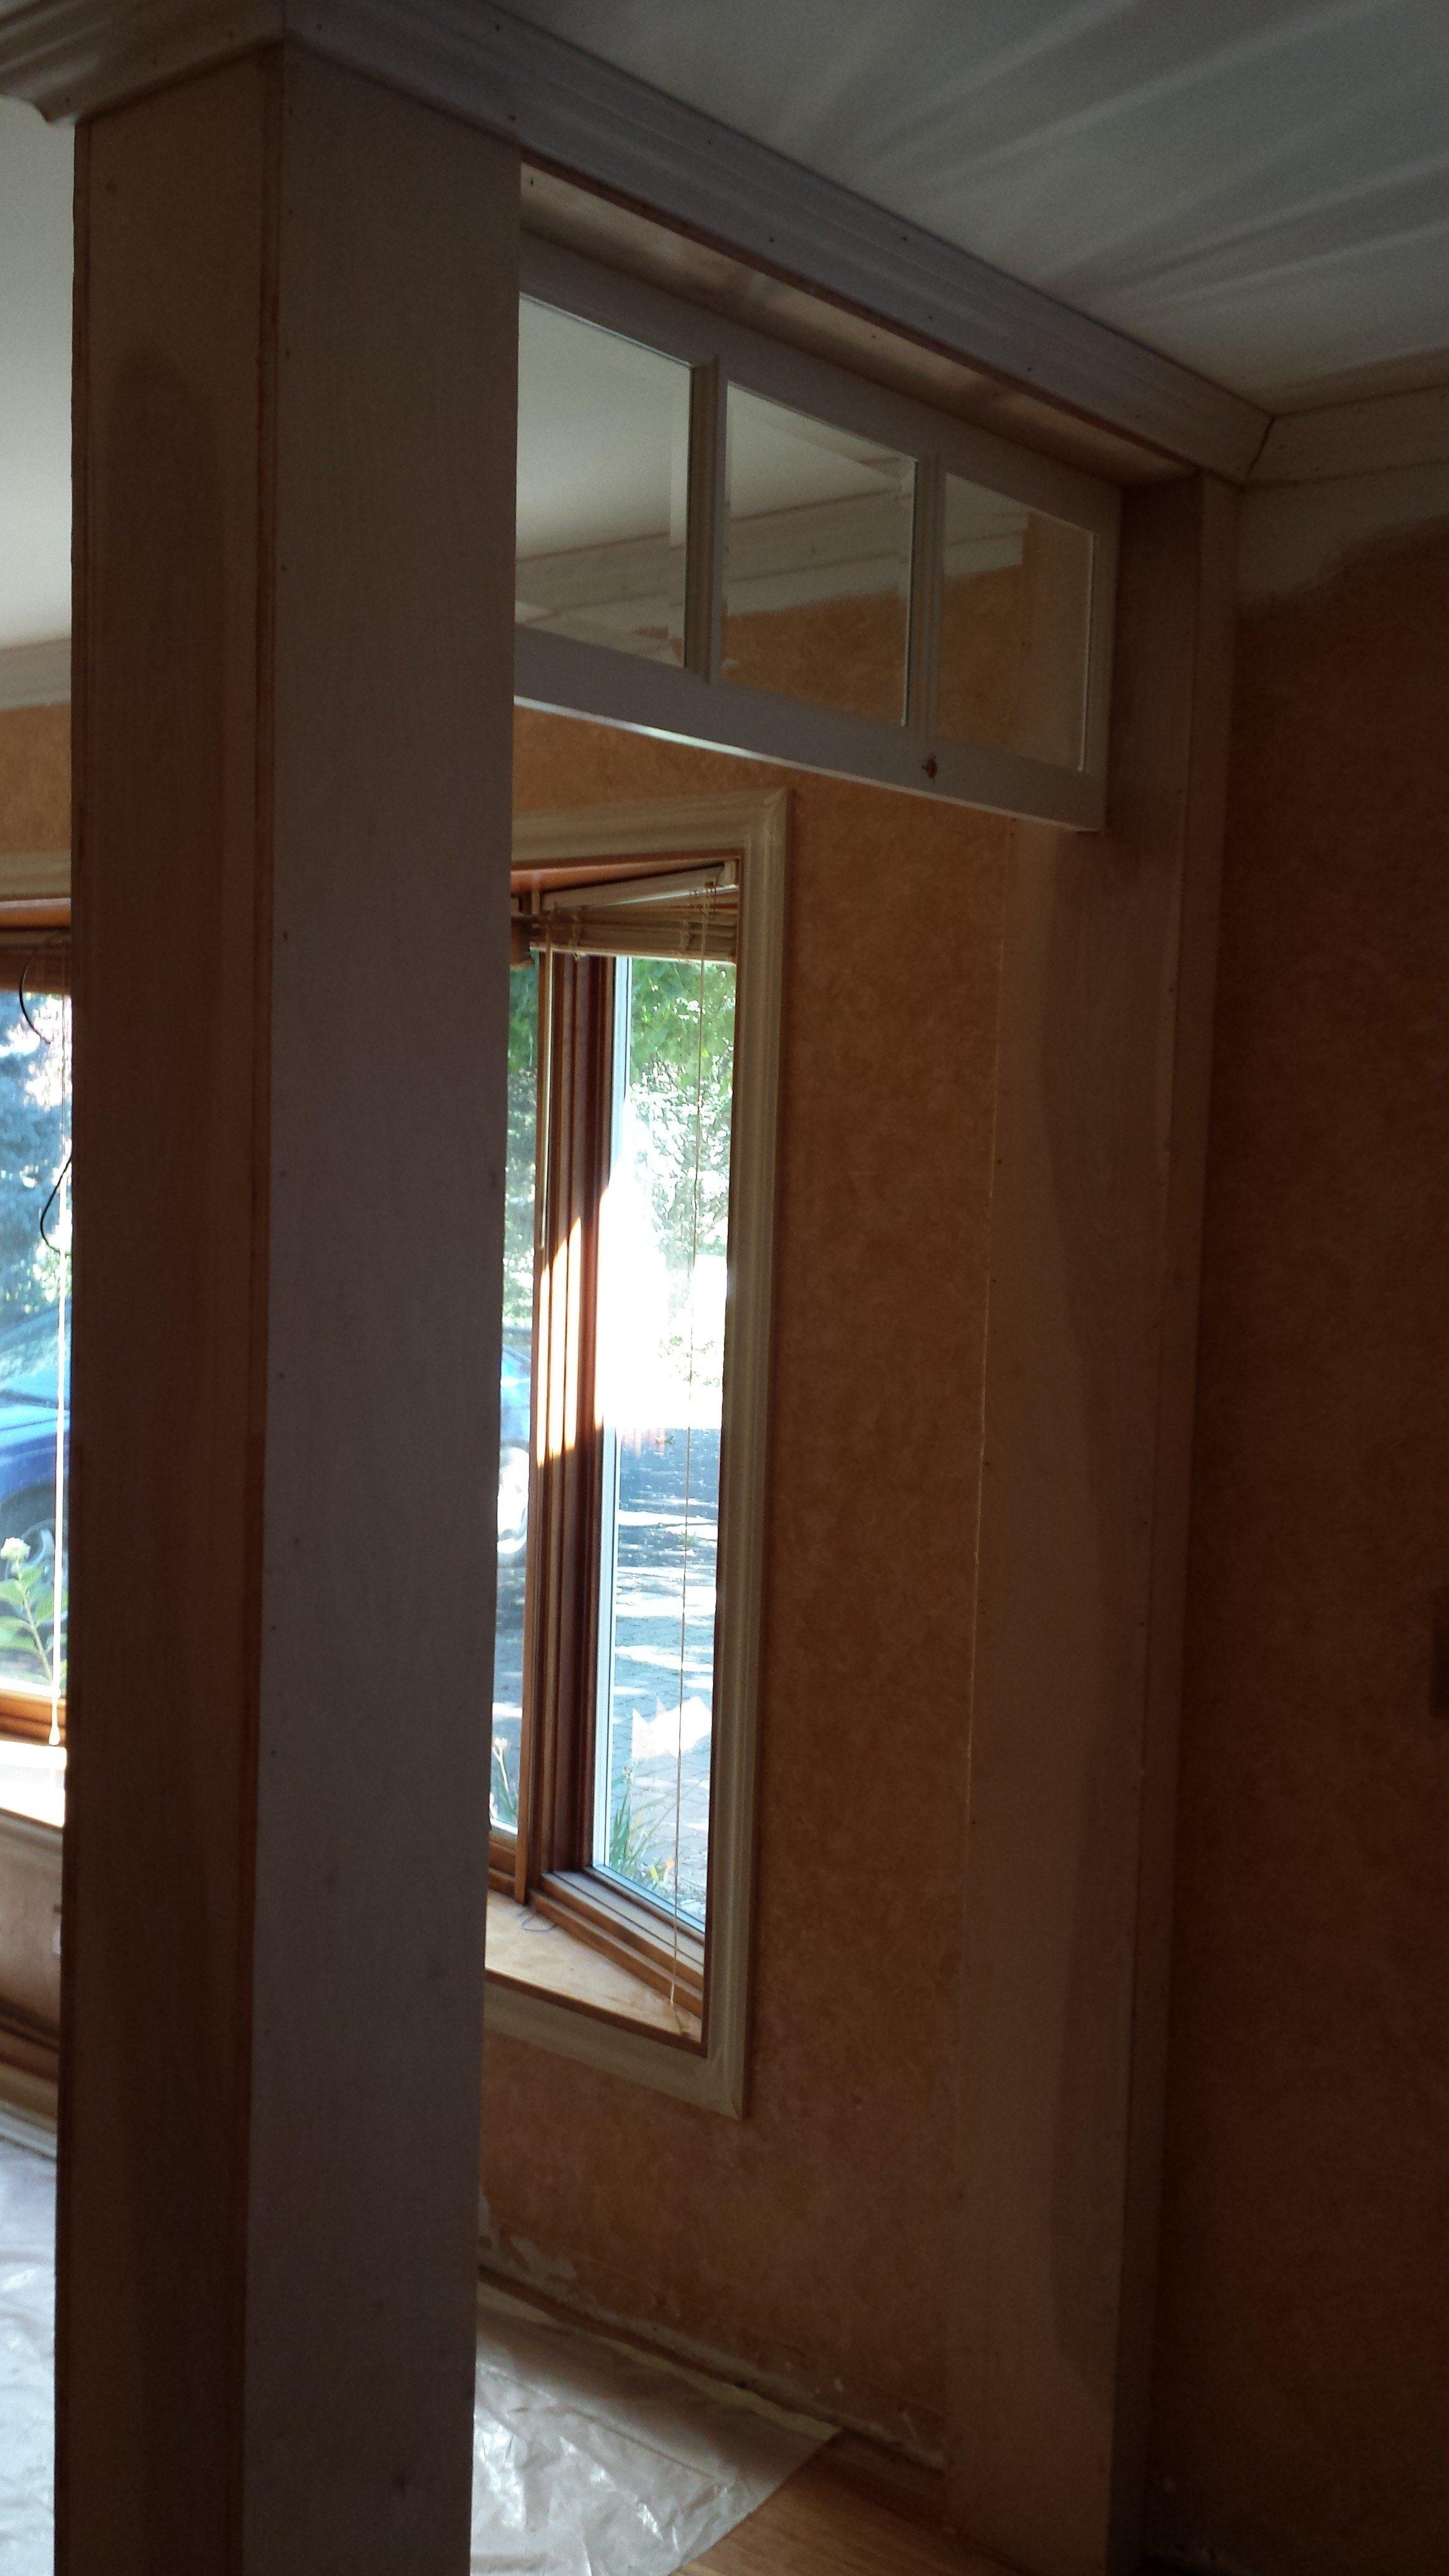 Our Diy Transom Window Entryway Idea